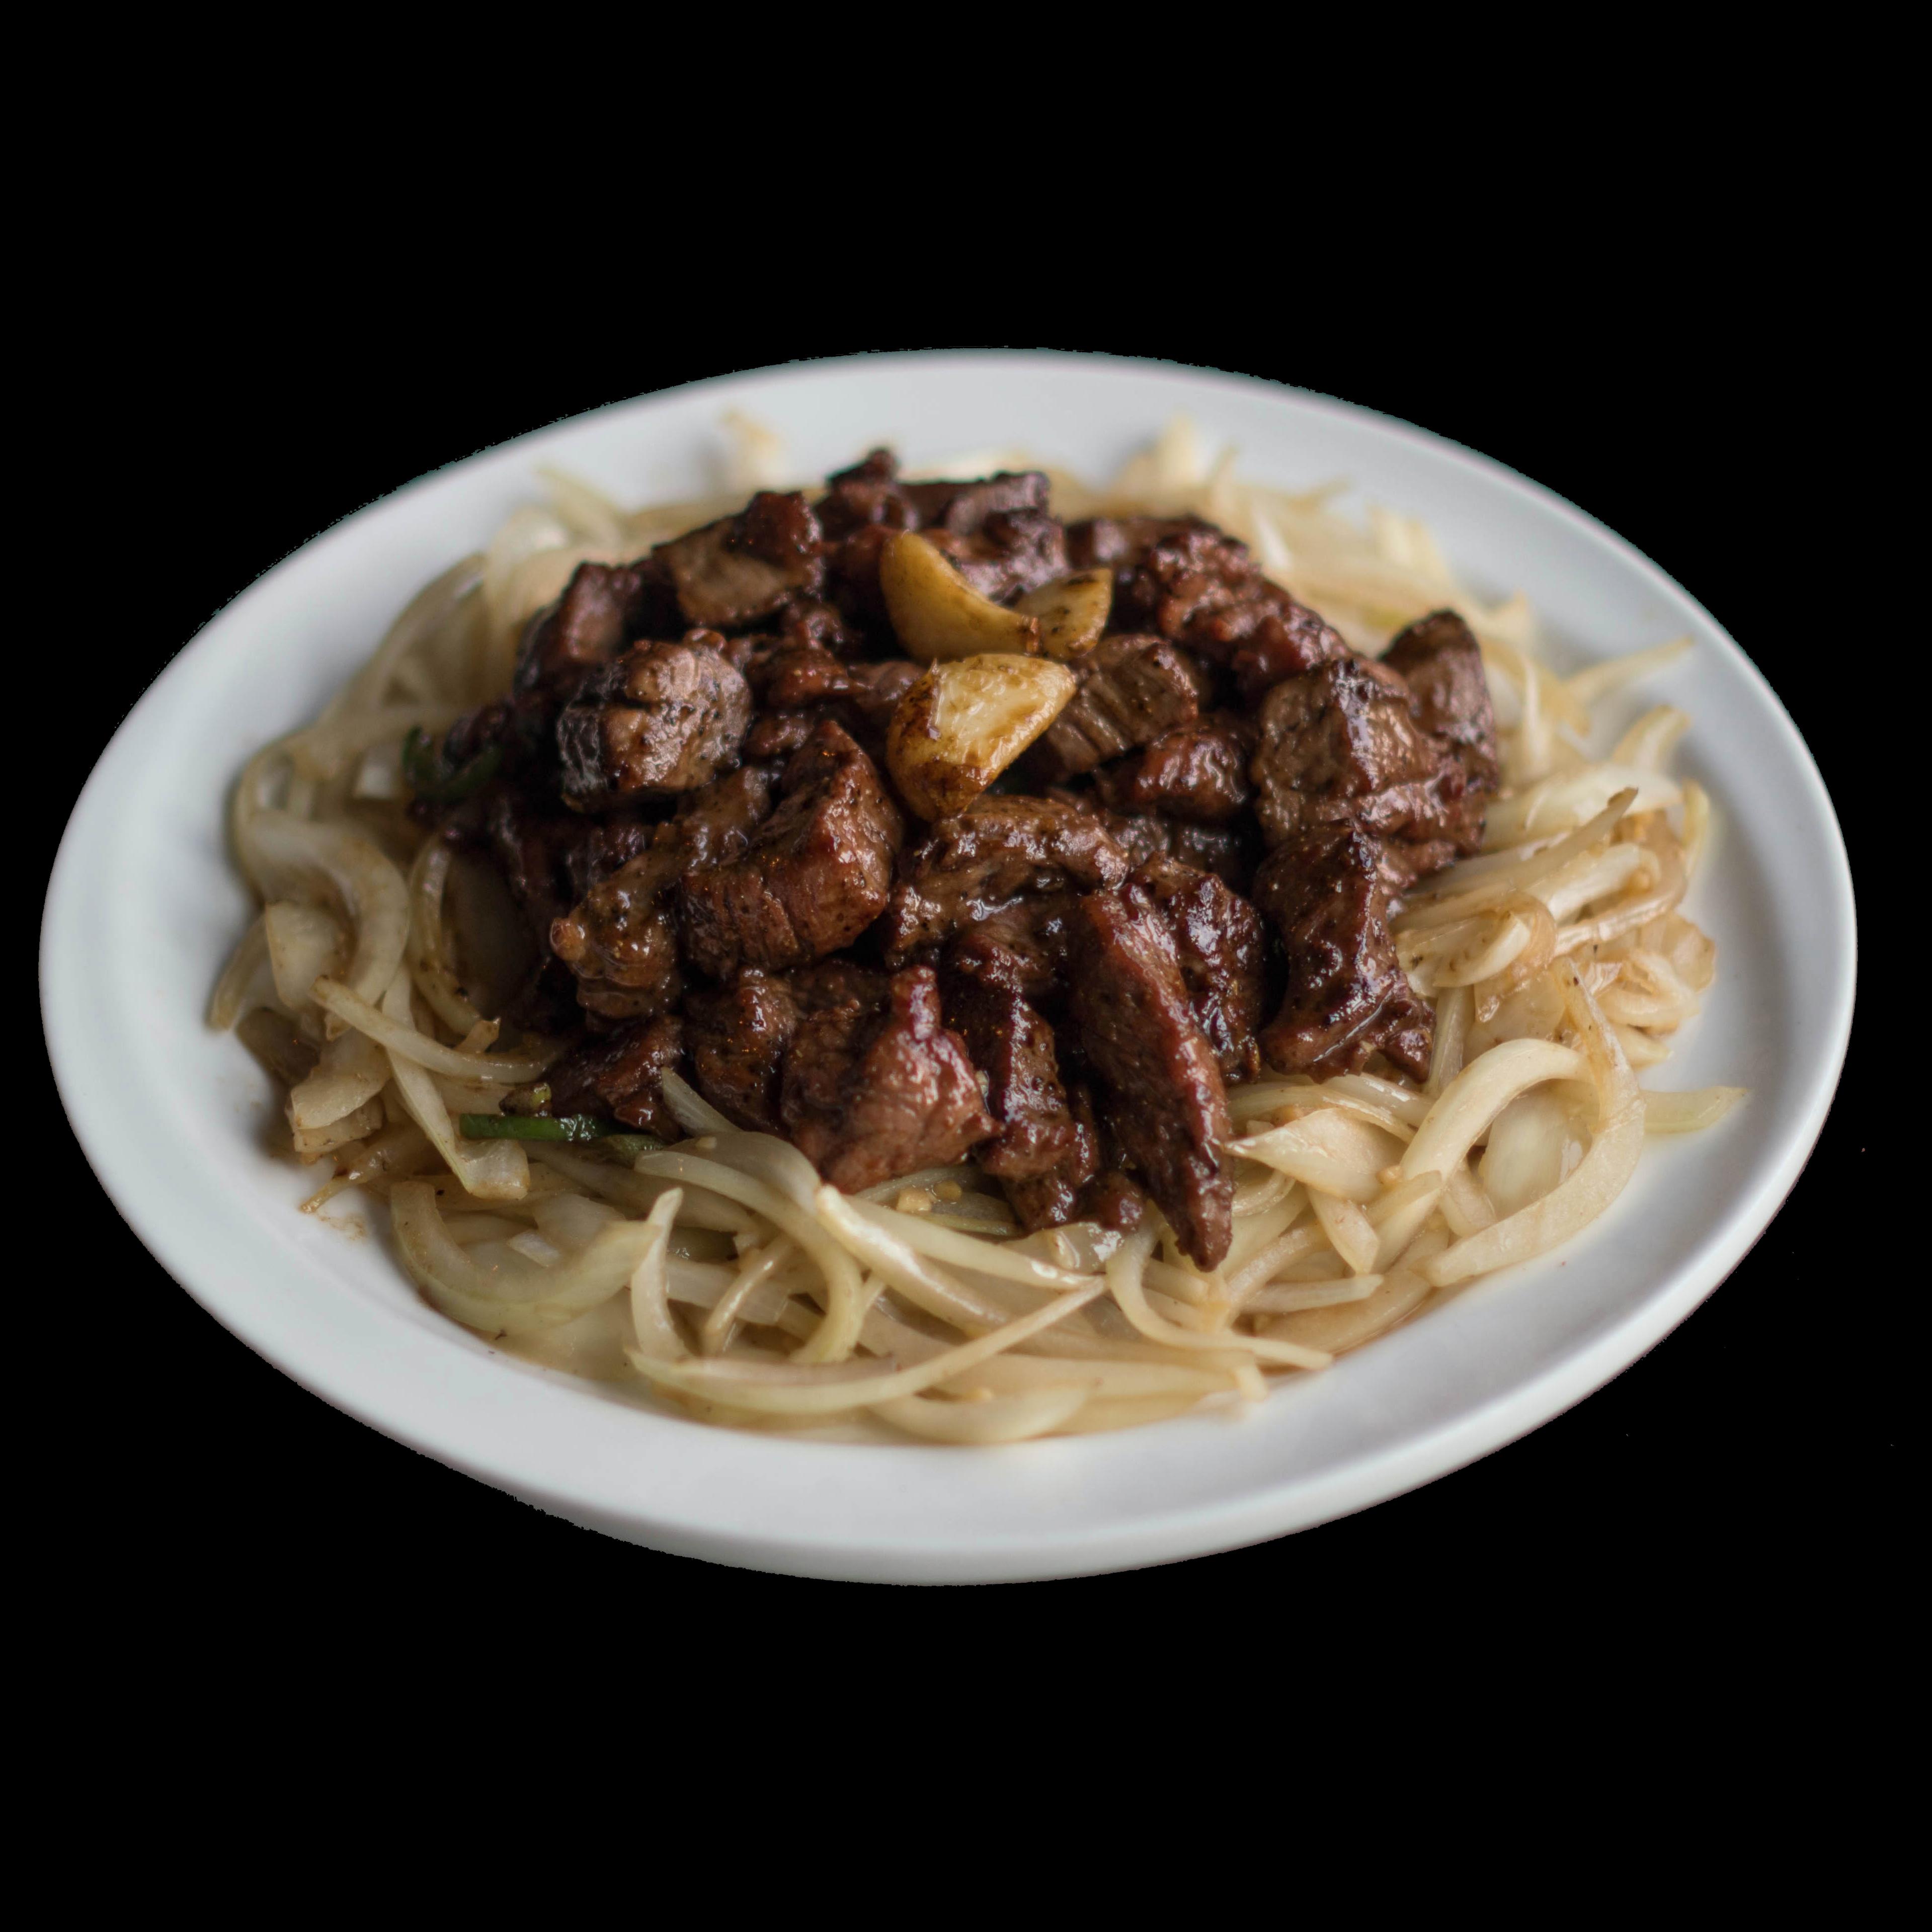 93. 法式牛柳粒 French Style BPM Beef Tenderloin Image